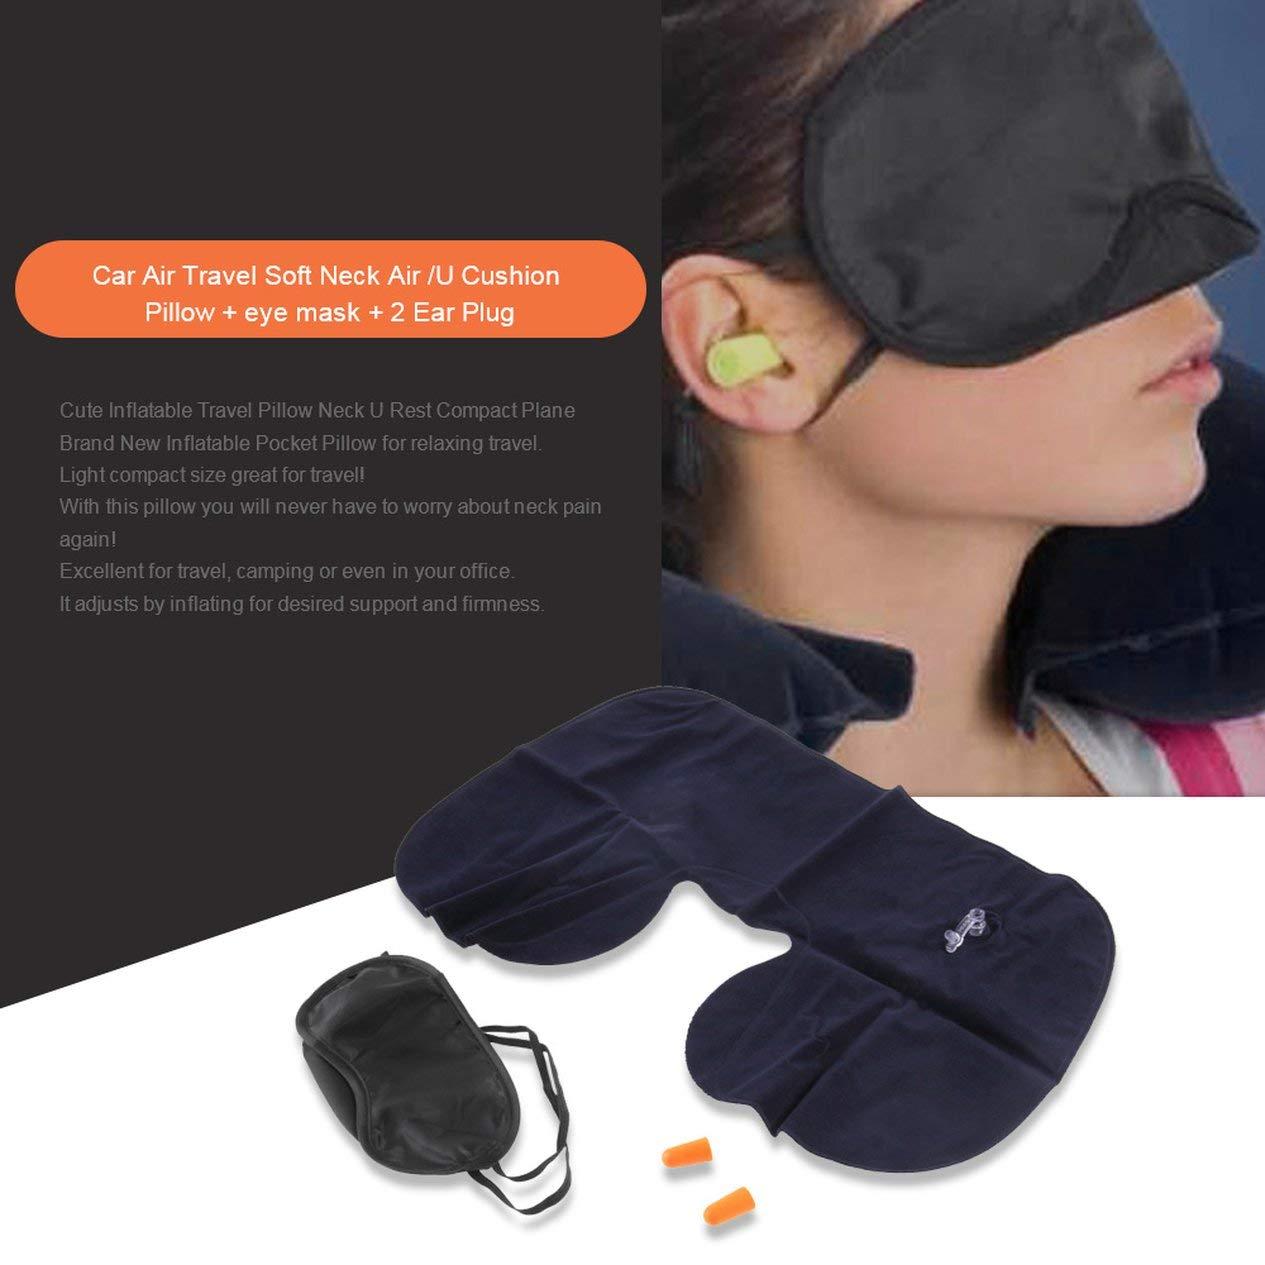 maschera per gli occhi 2 tappi per le orecchie EdBerk74 1 set viaggio collo cuscino cuscino a forma di cuscino ufficio volo viaggiare collo resto morbido cuscino cuscino sanit/à